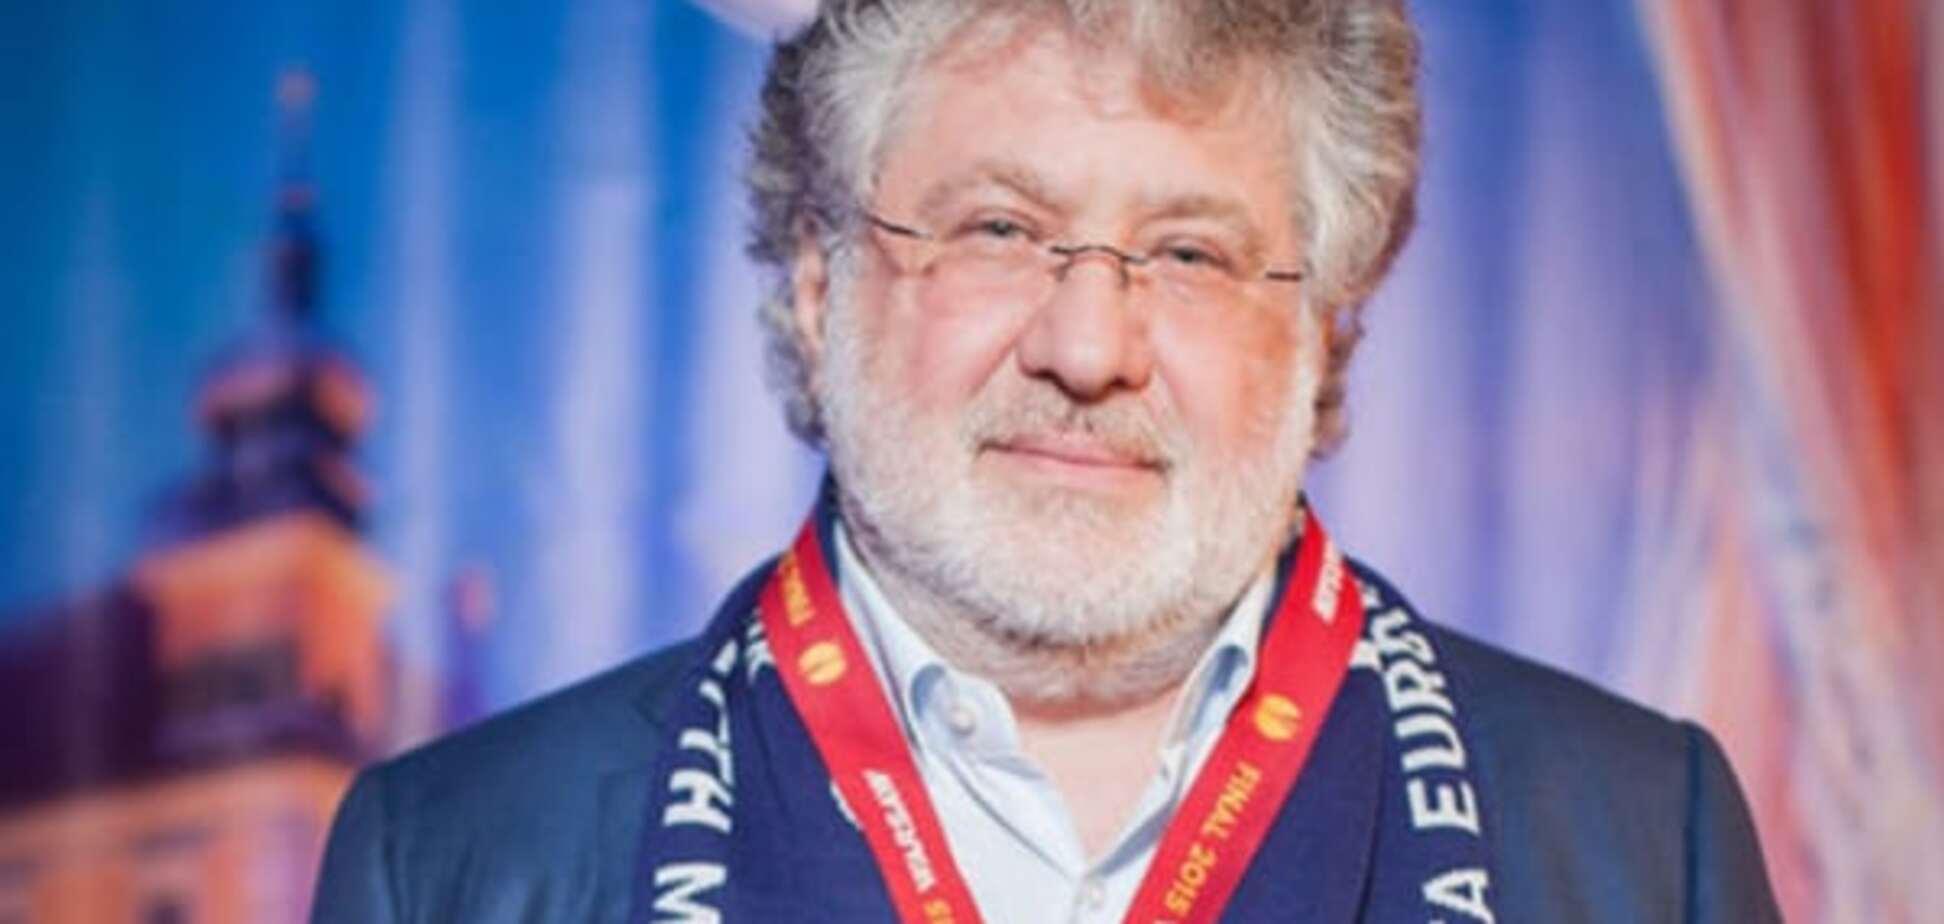 Коломойский решил продать 'Днепр' - СМИ